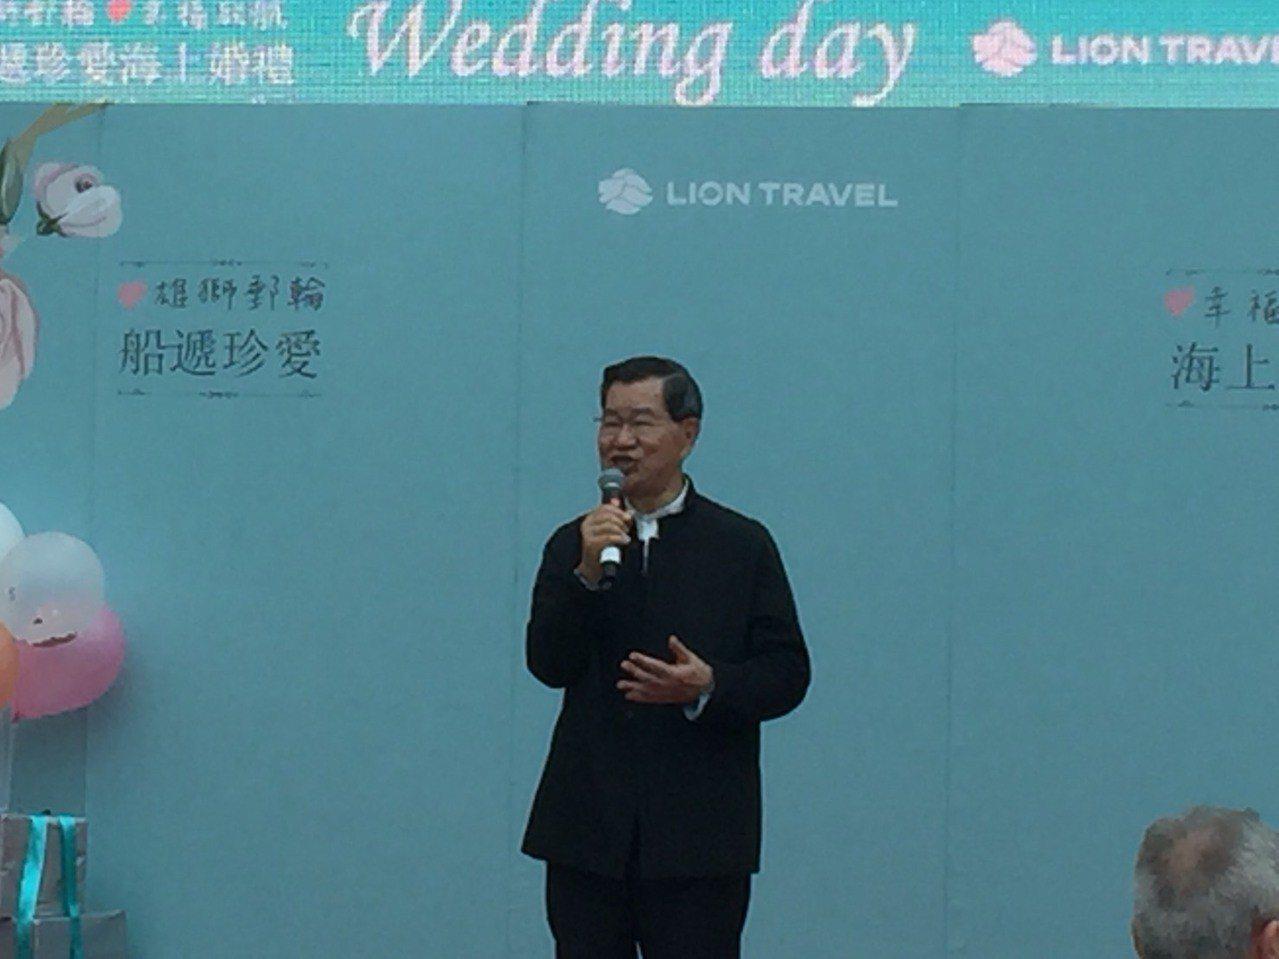 前副總統蕭萬長出席郵輪婚禮,台下掌聲不斷。記者羅建怡/攝影